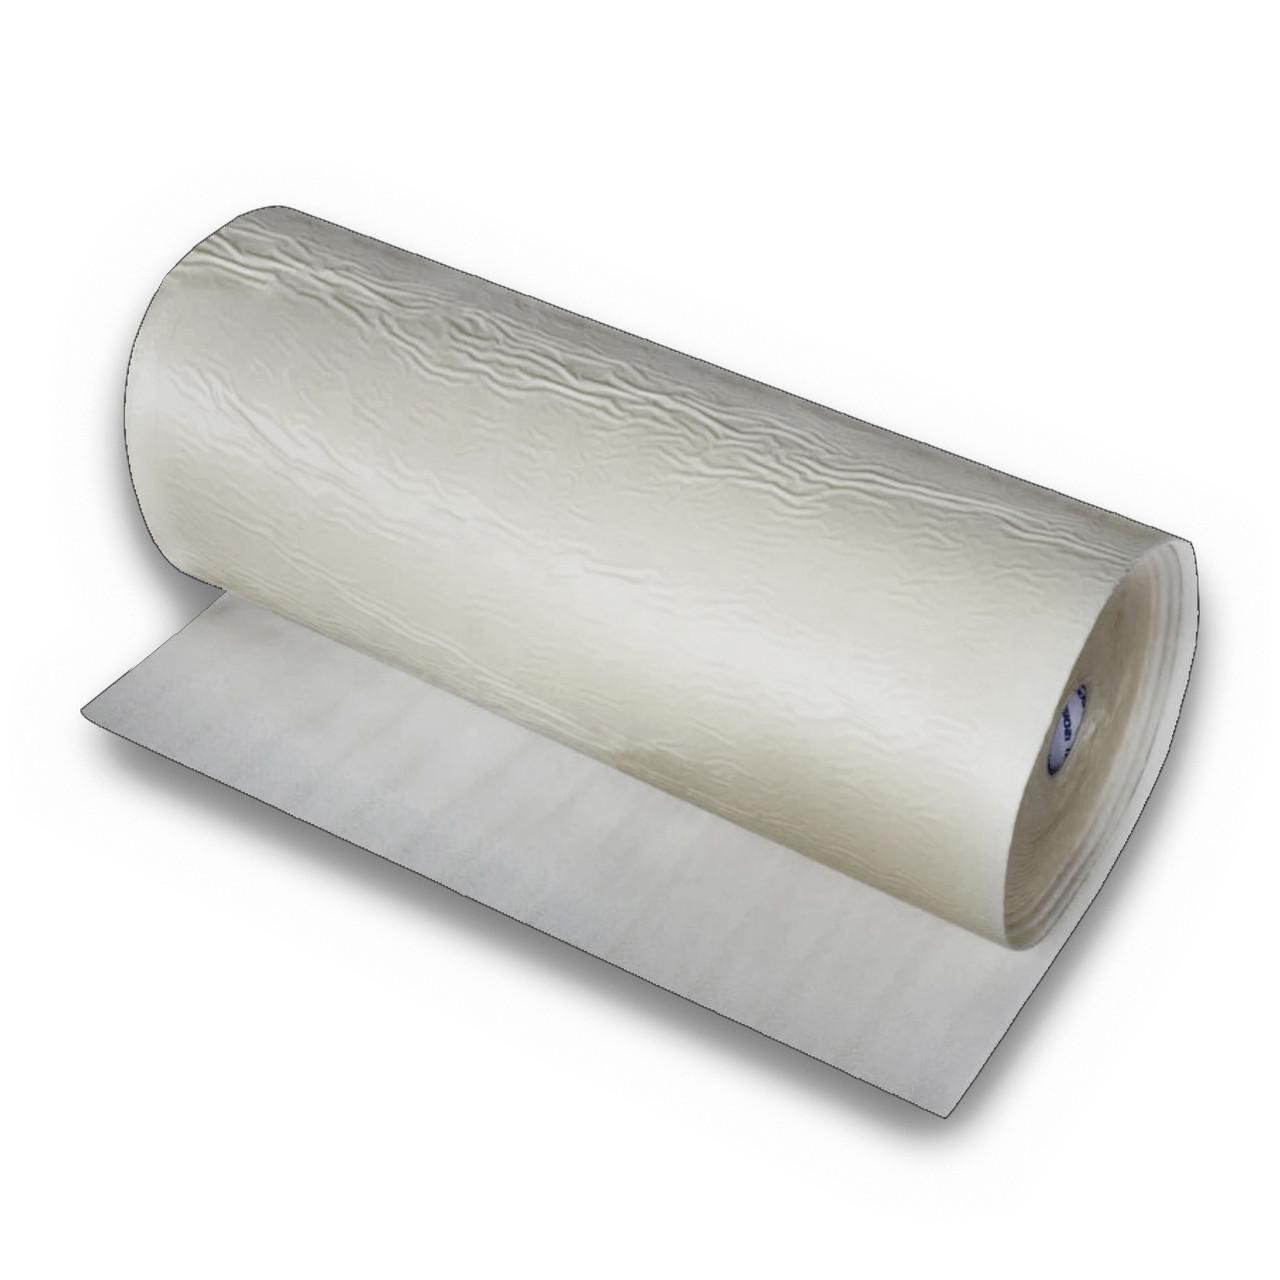 Физически сшитый вспененный полиэтилен самоклеящийся, 8 мм (белый)